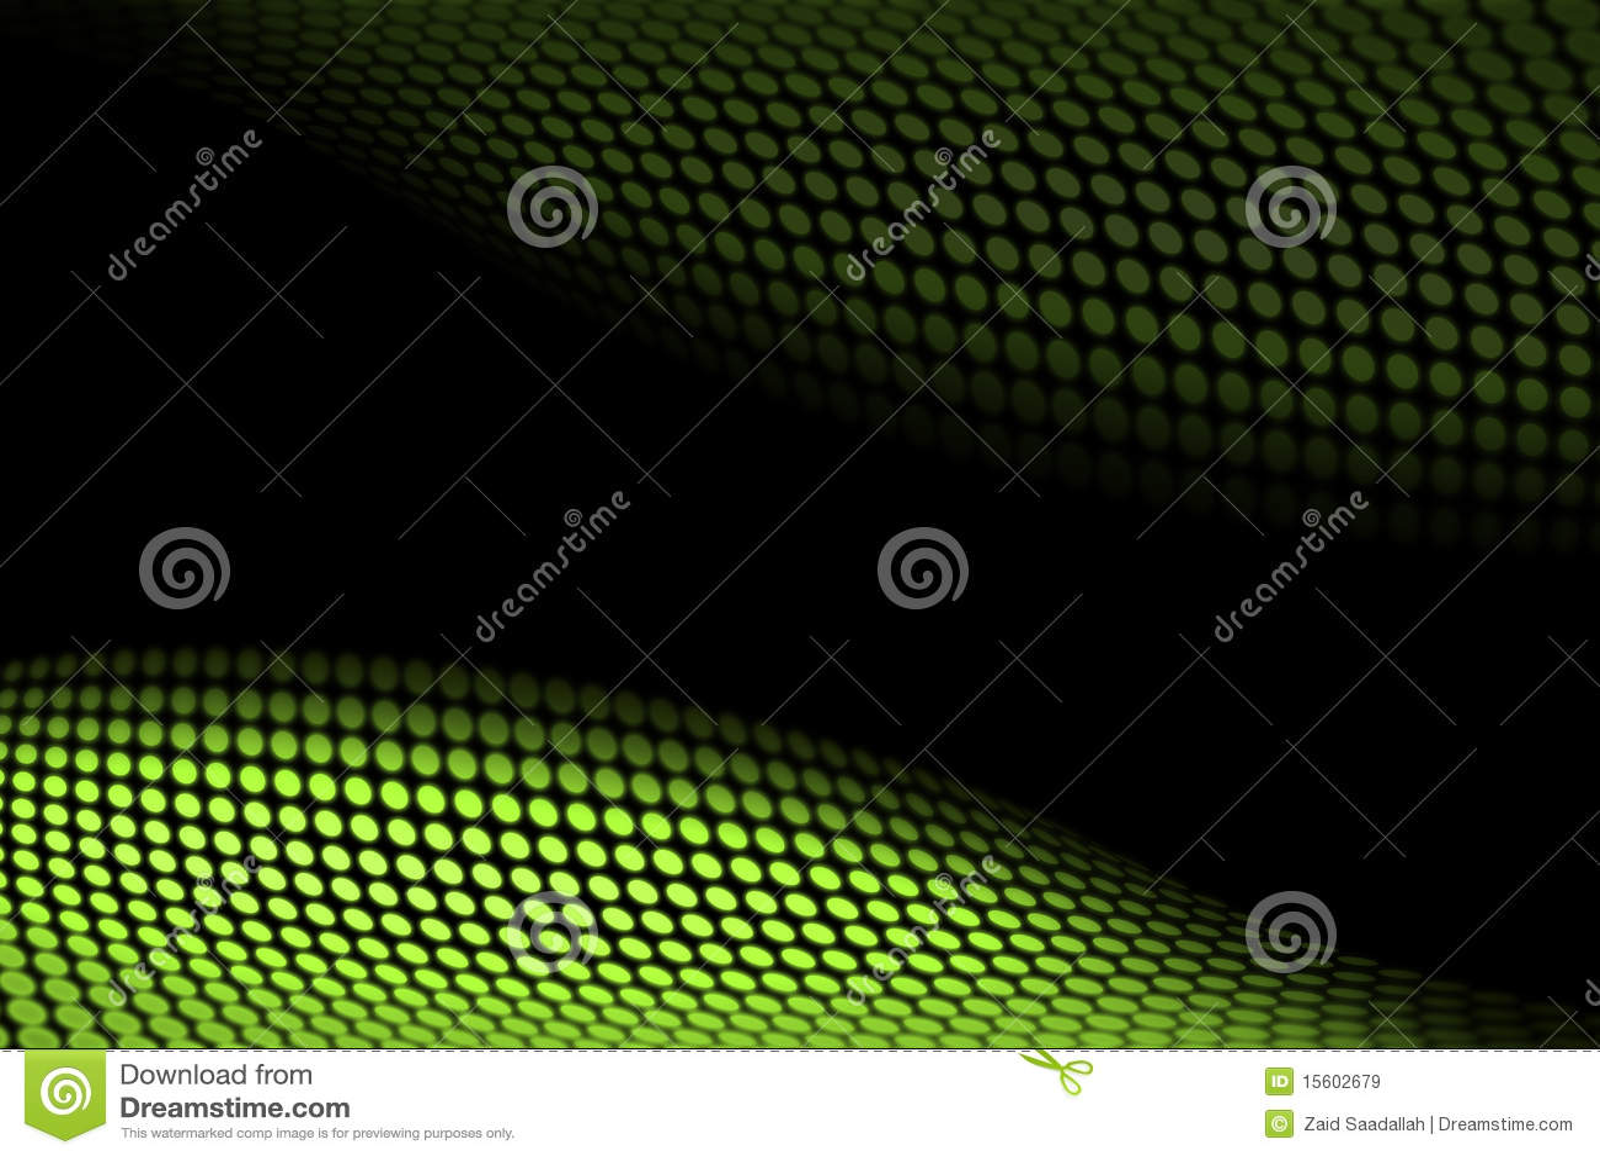 Dot Matrix Abstract